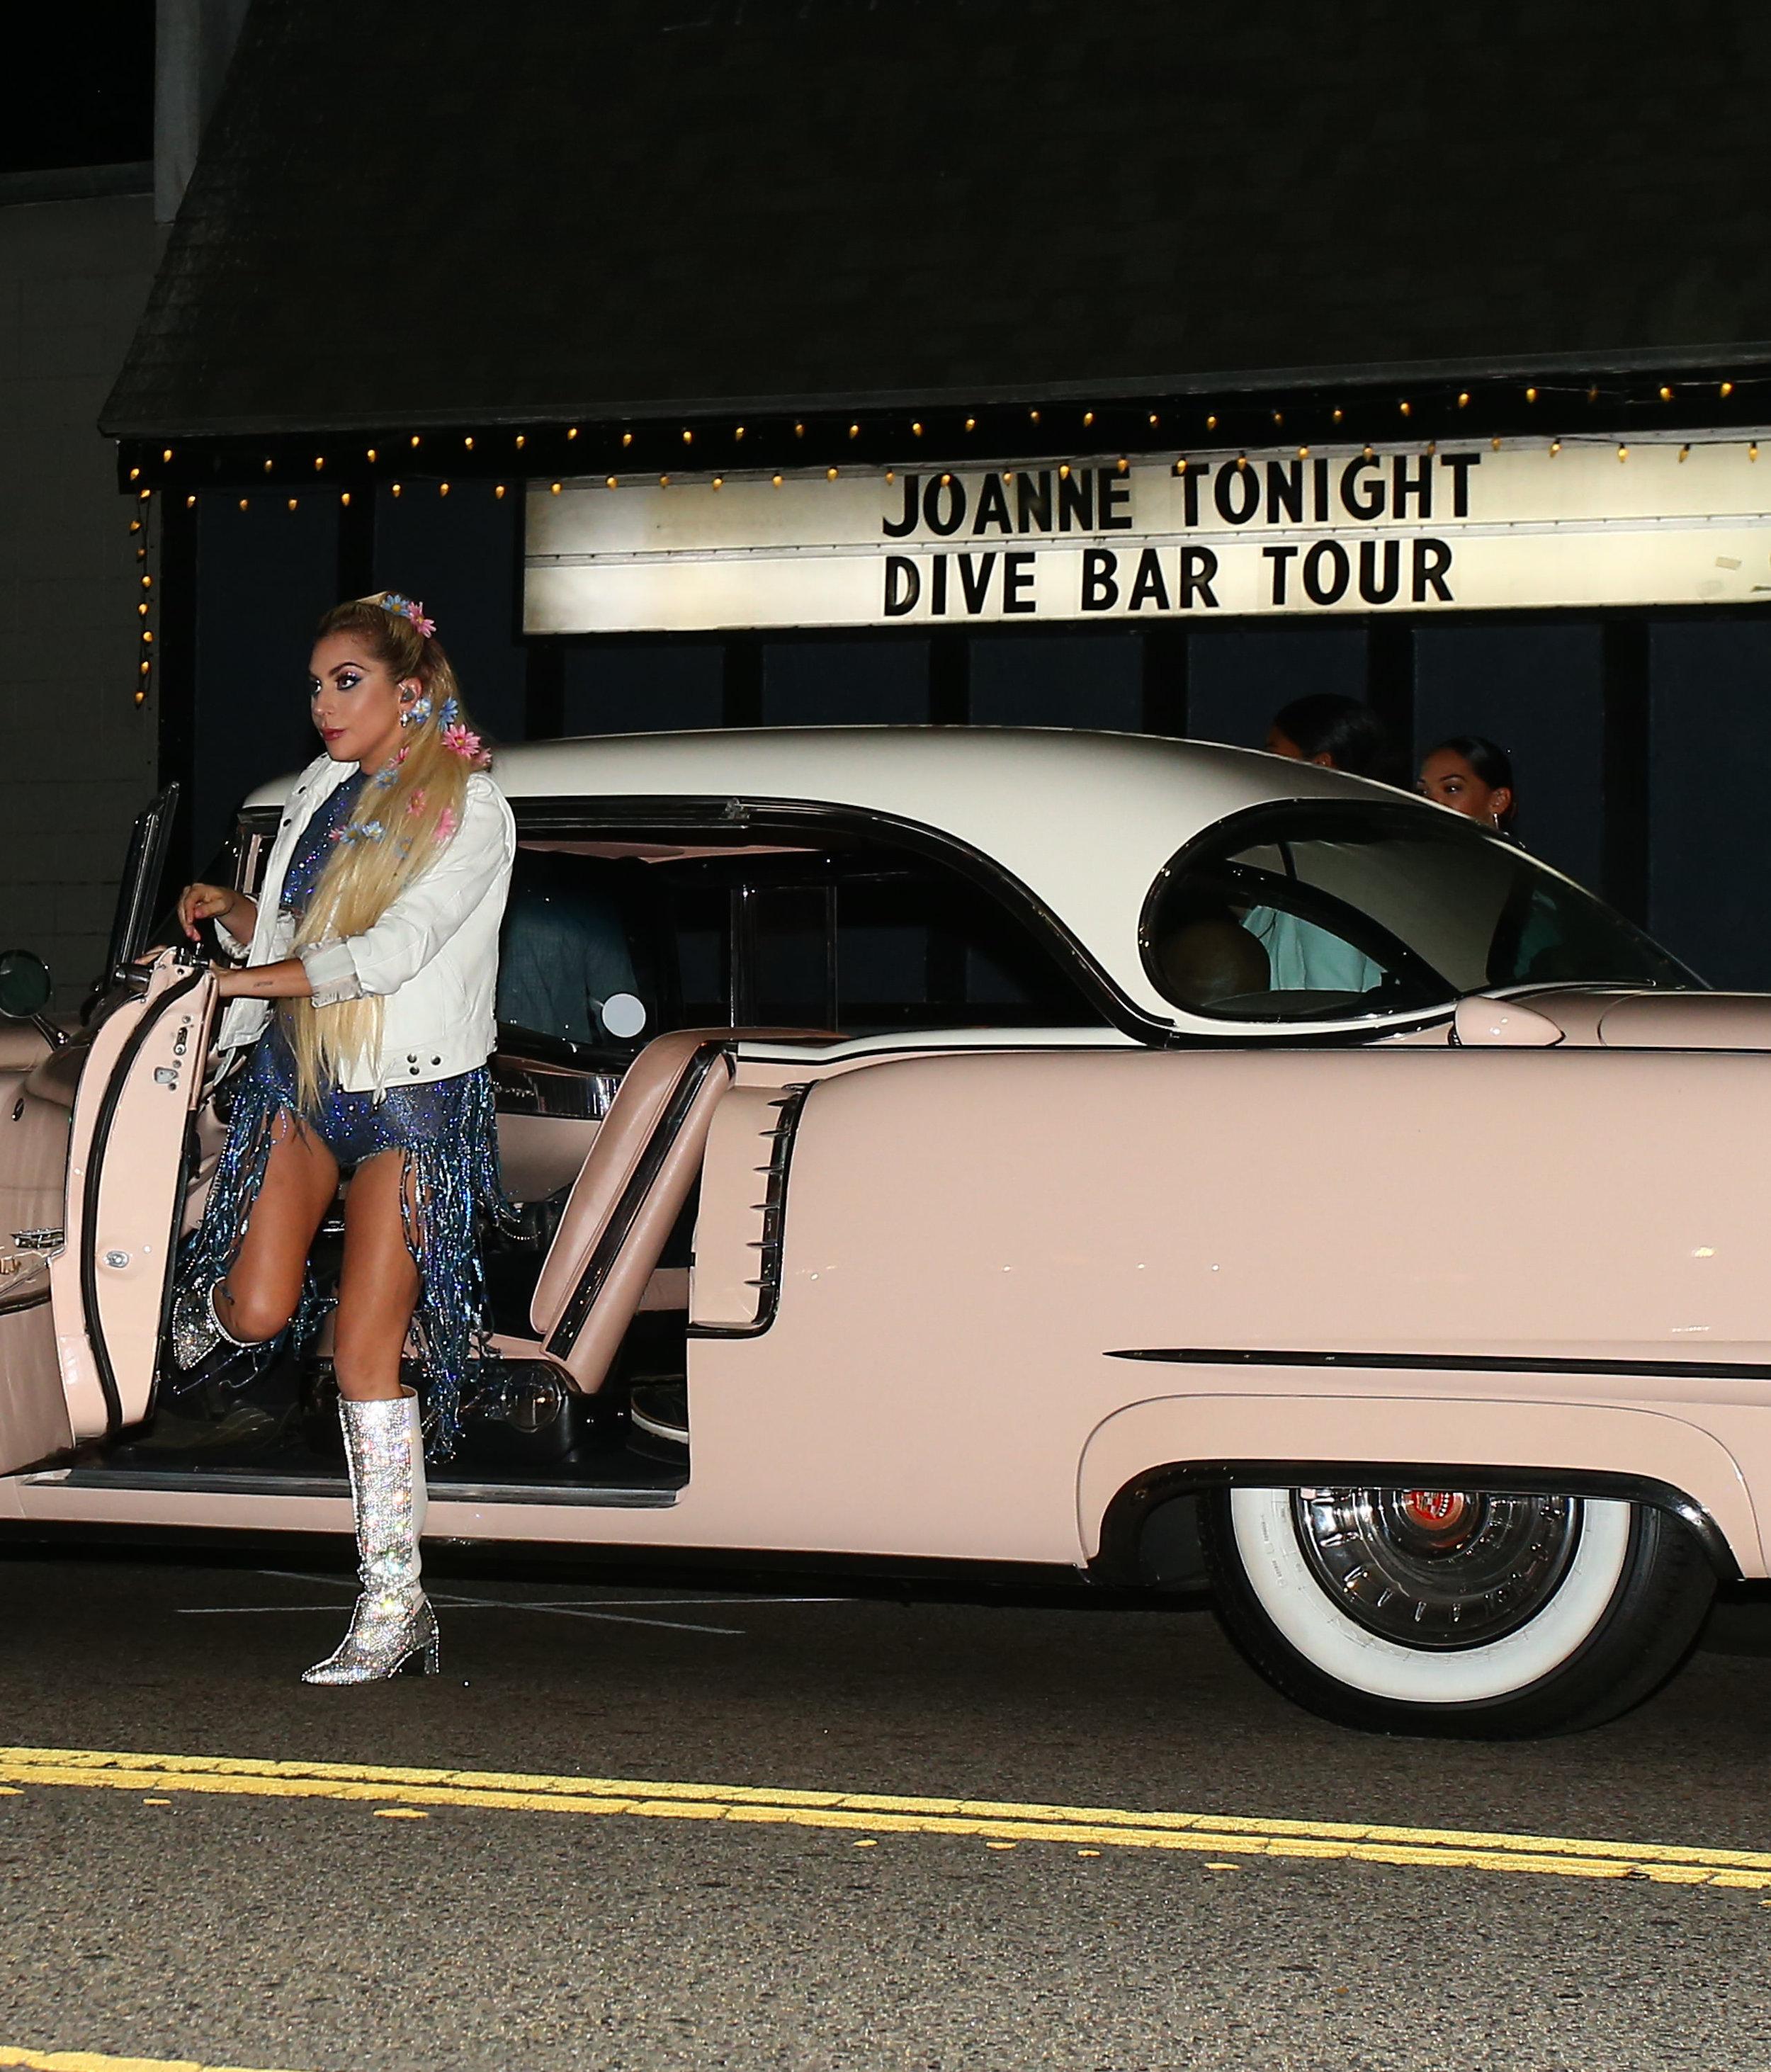 Lady Gaga Boots Dive Bar Tour Arrival 2.jpg